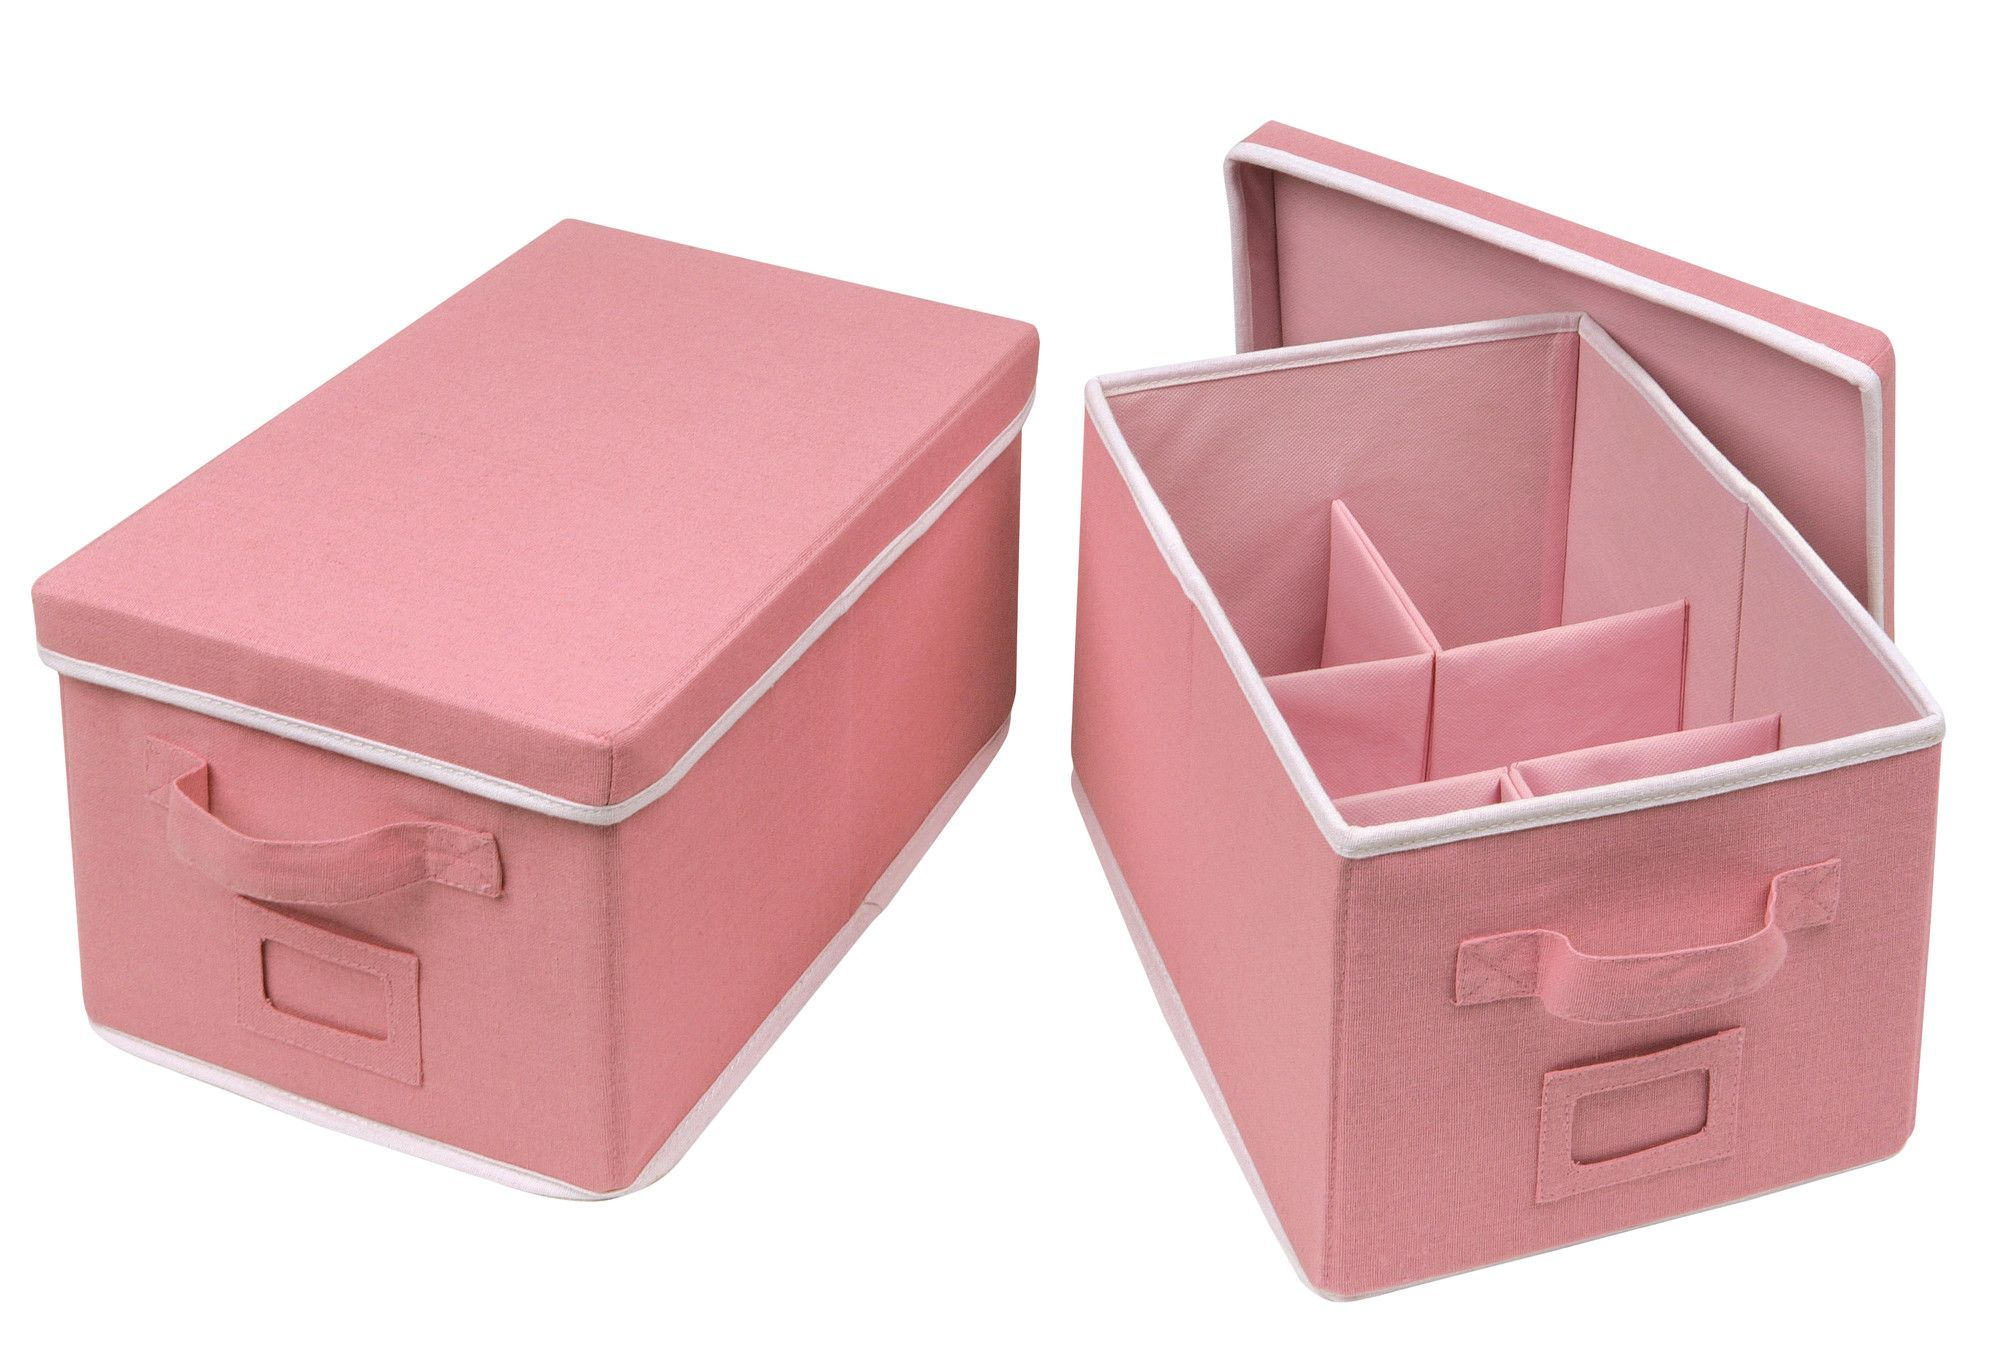 2 Piece Folding Storage Basket Set  sc 1 st  Pinterest & 2 Piece Folding Storage Basket Set | PROJECTS | Pinterest | Storage ...